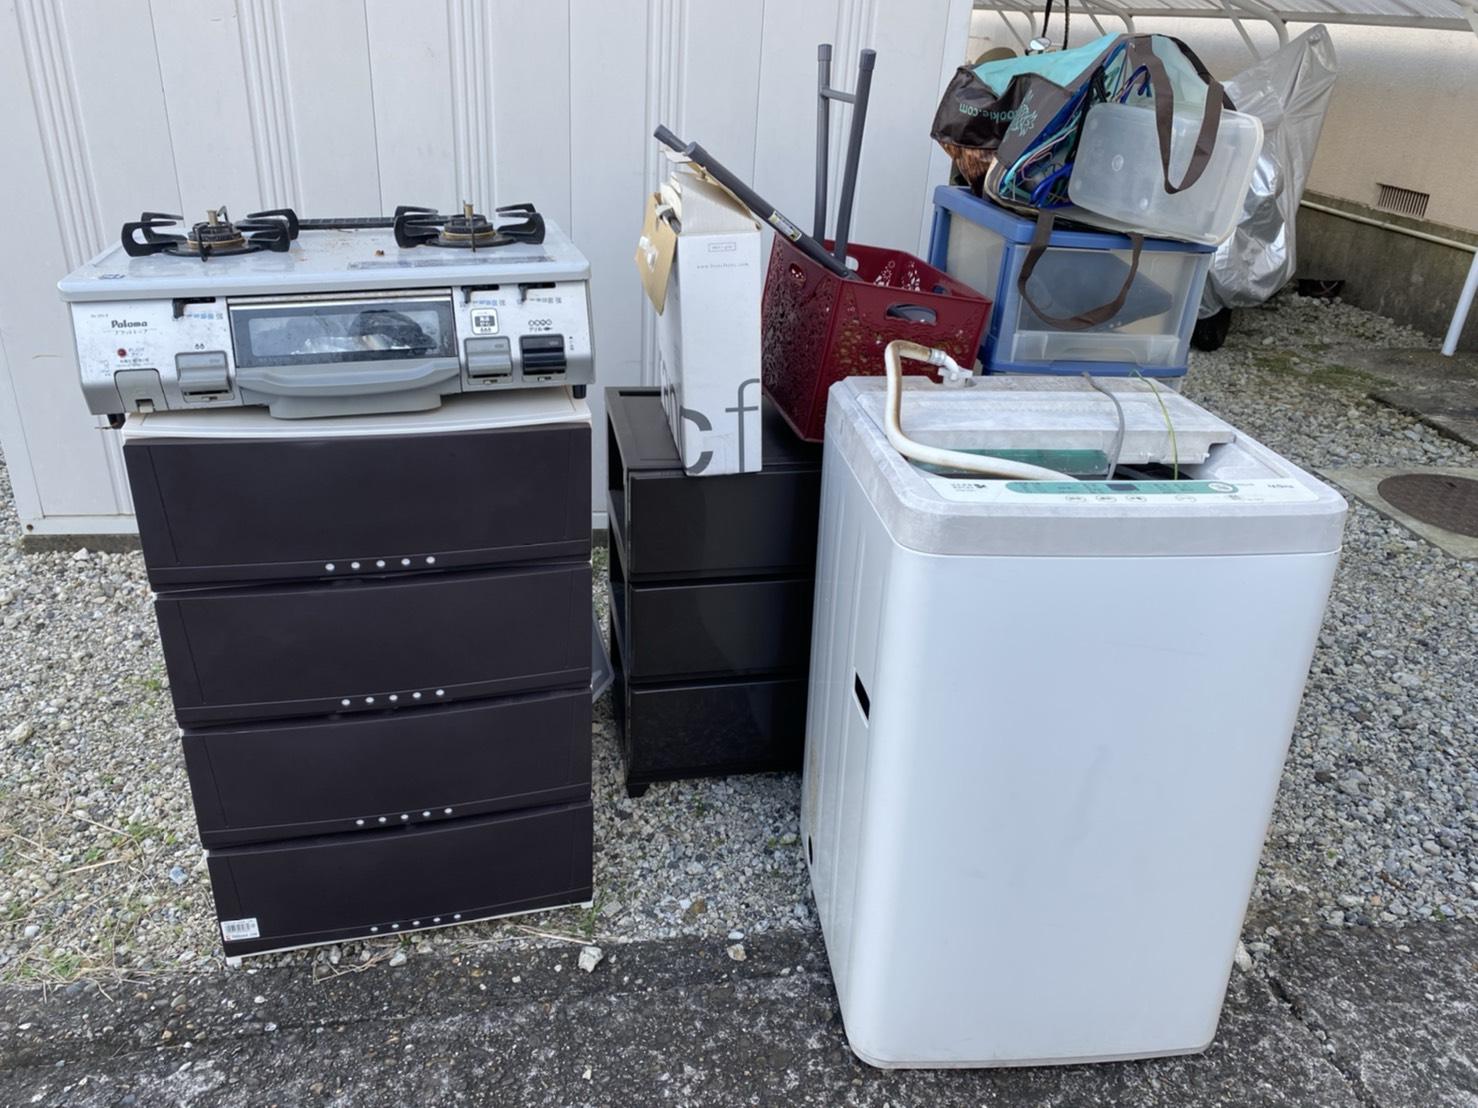 ガスコンロ、洗濯機、タンスの回収前